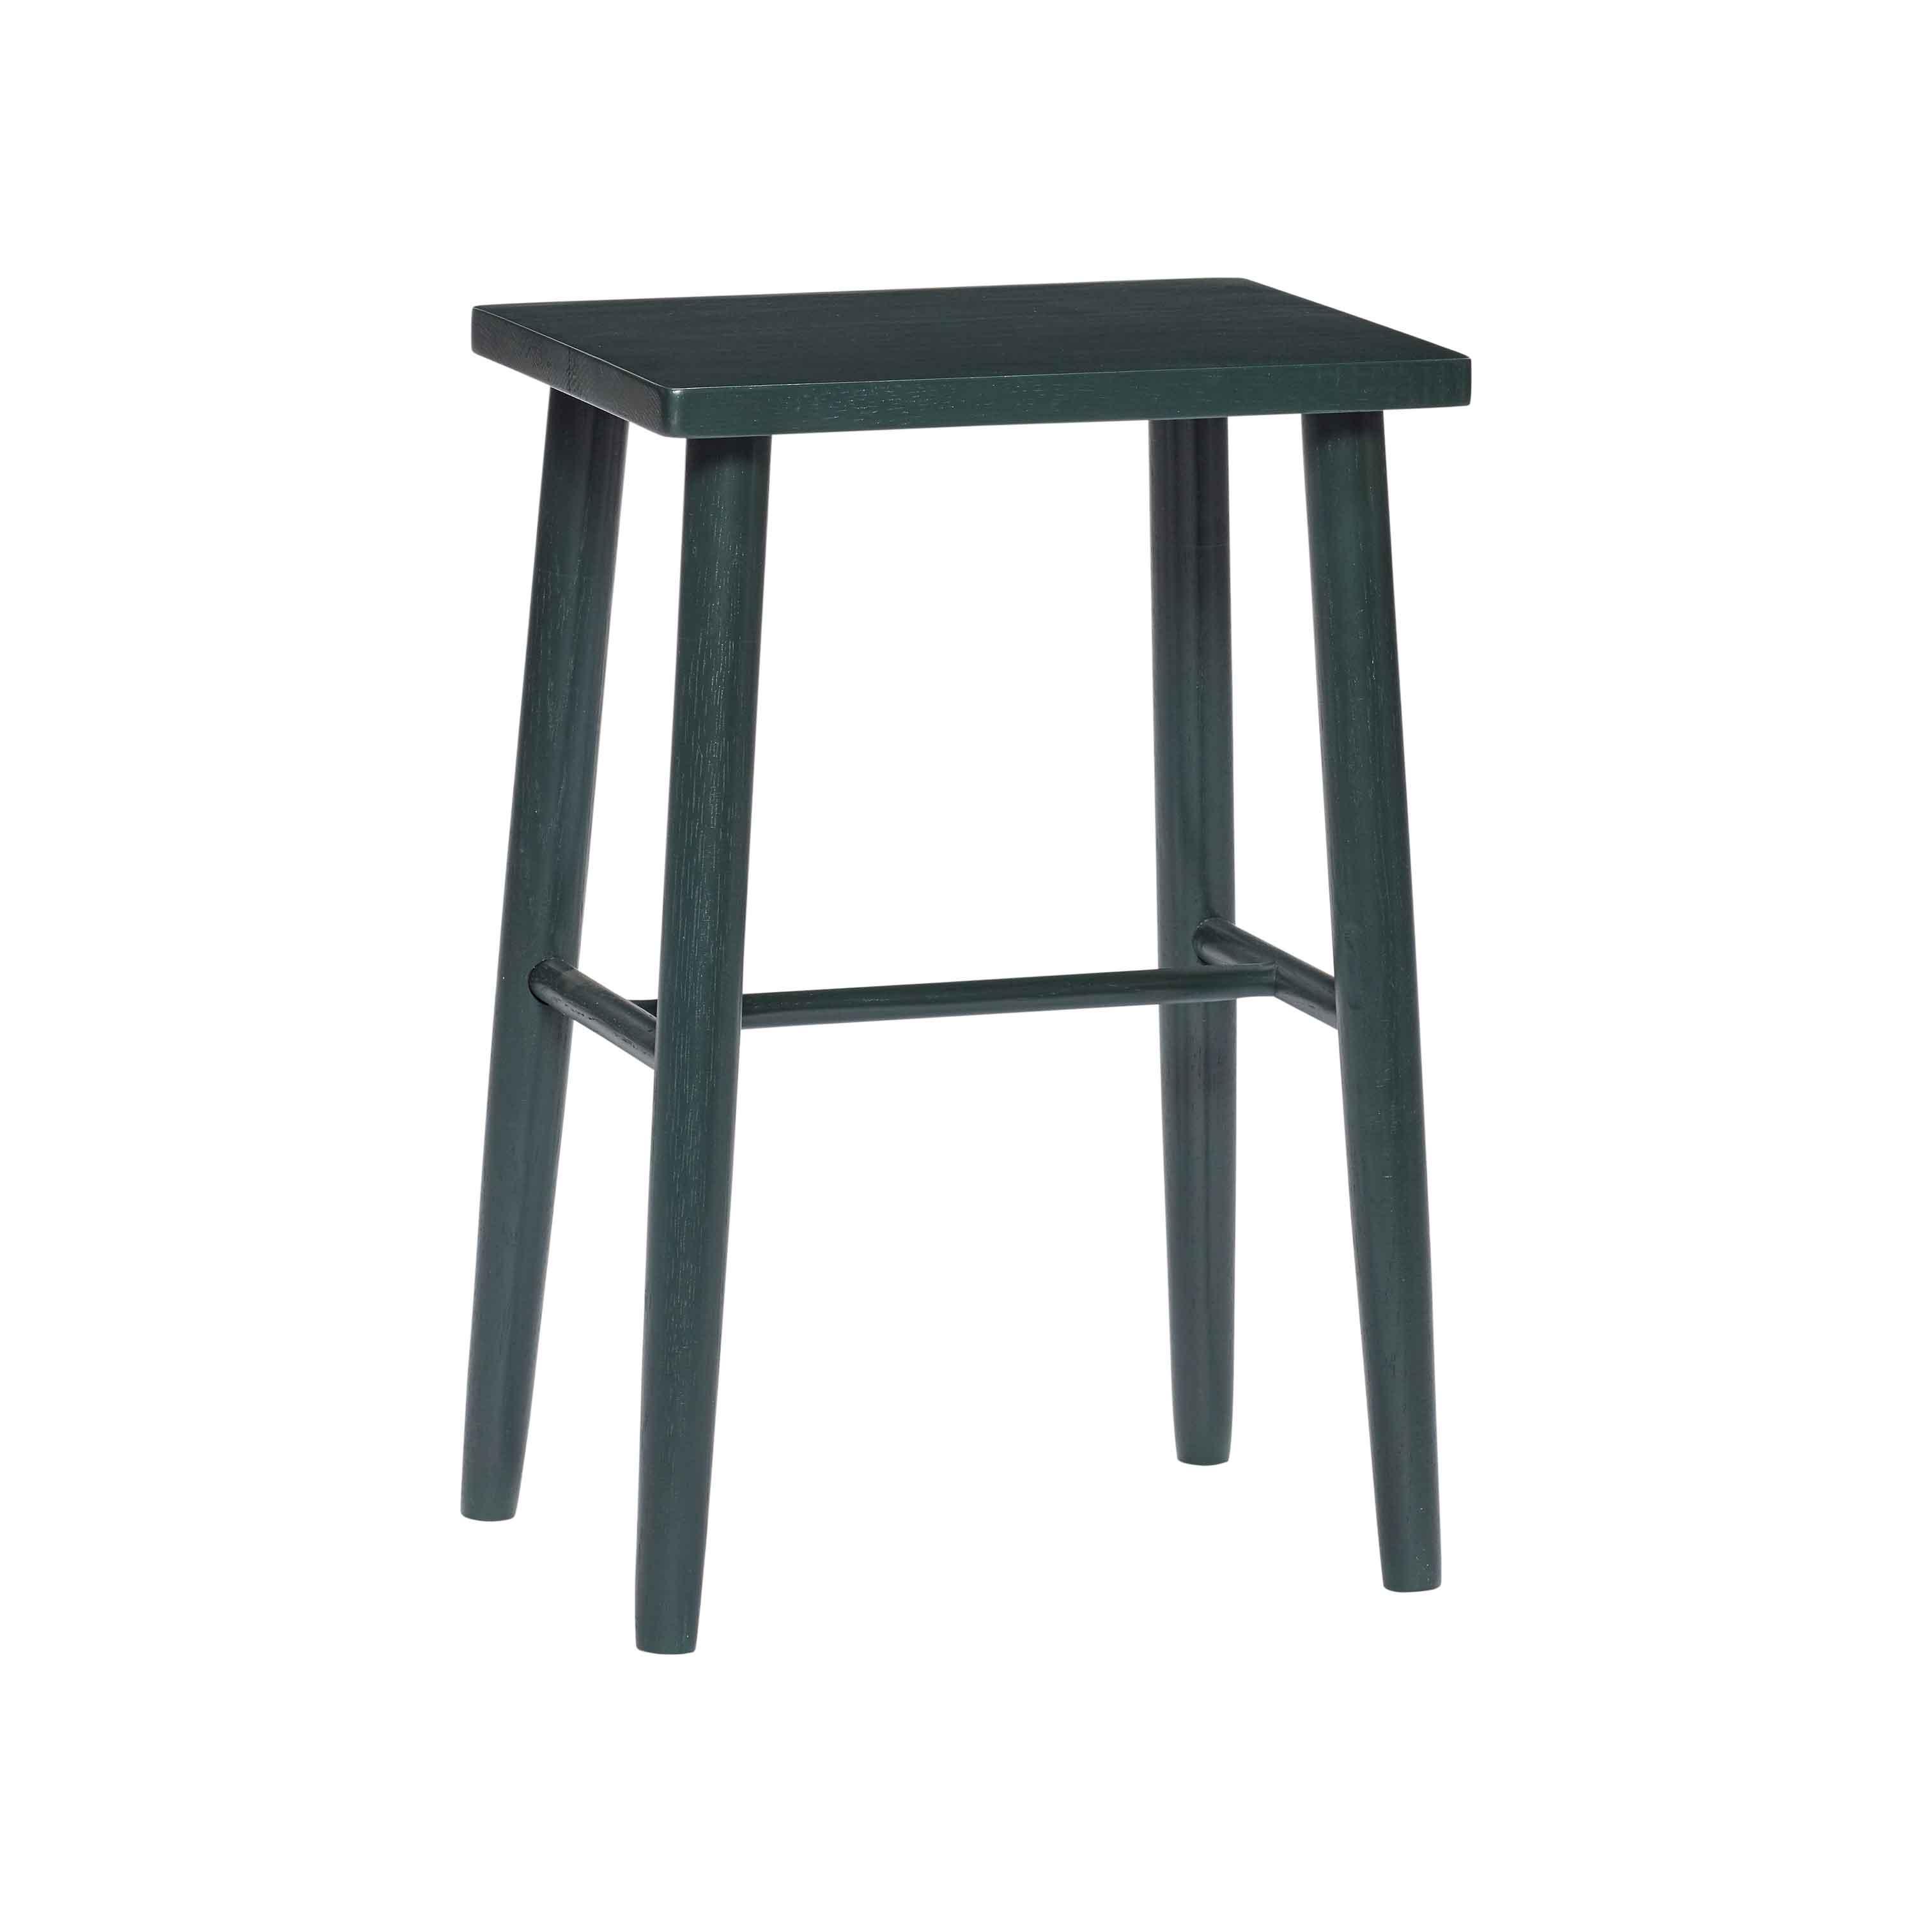 hübsch H?bsch barstol - grøn hvideg, rektangulær fra boboonline.dk